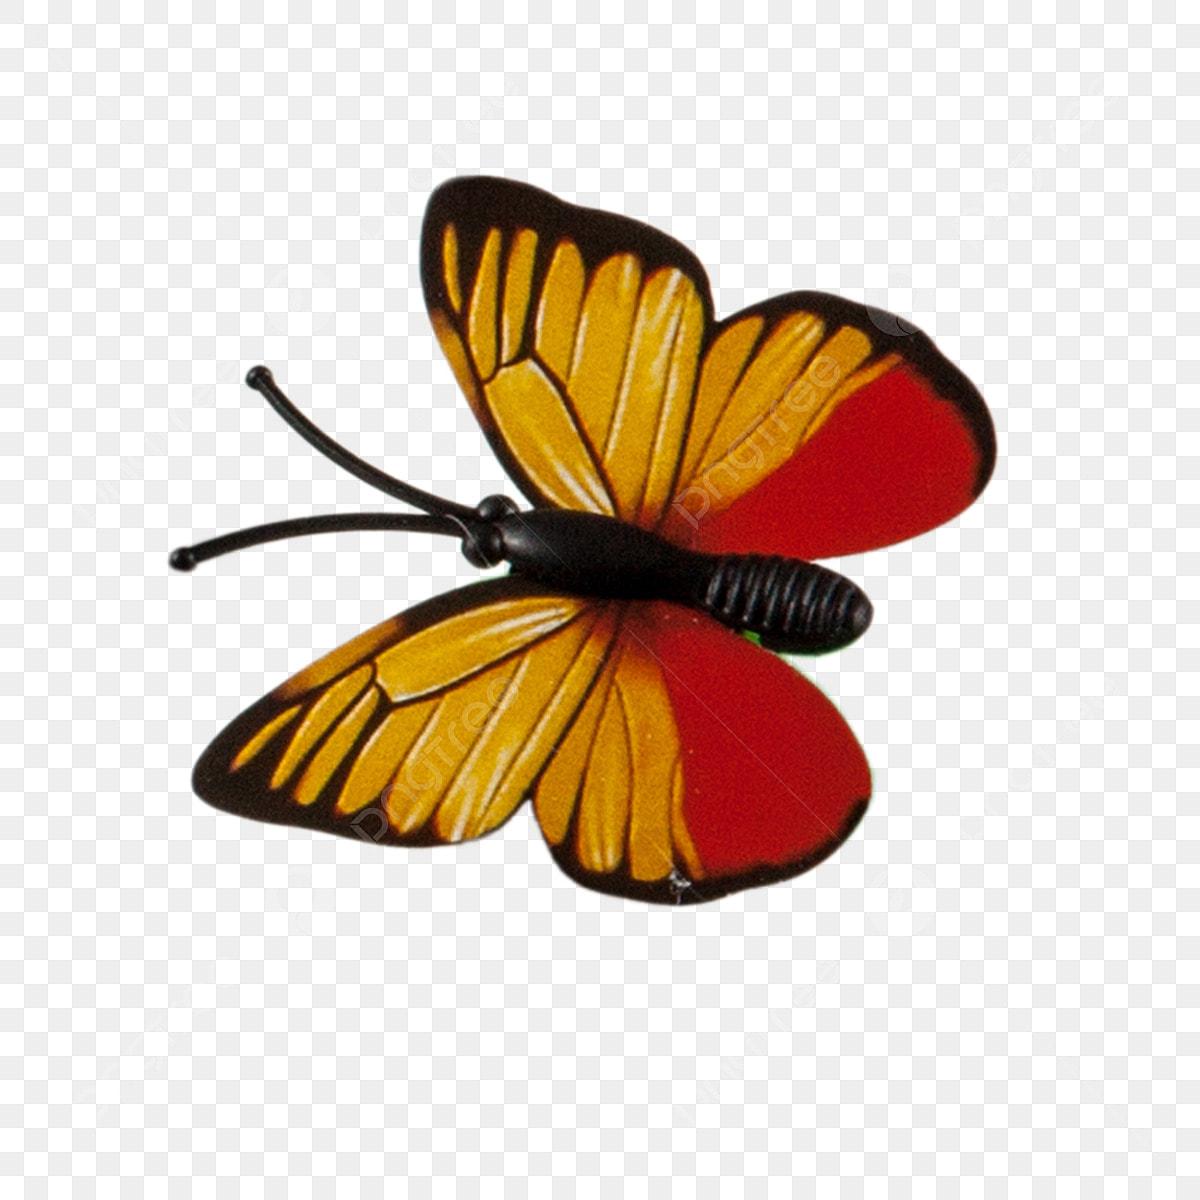 Printemps Papillon Couleur Papillon Papillon Petit Papillon Beau Telechargement De Dessin Anime Creatif Illustration De Dessin Anime Fichier Png Et Psd Pour Le Telechargement Libre